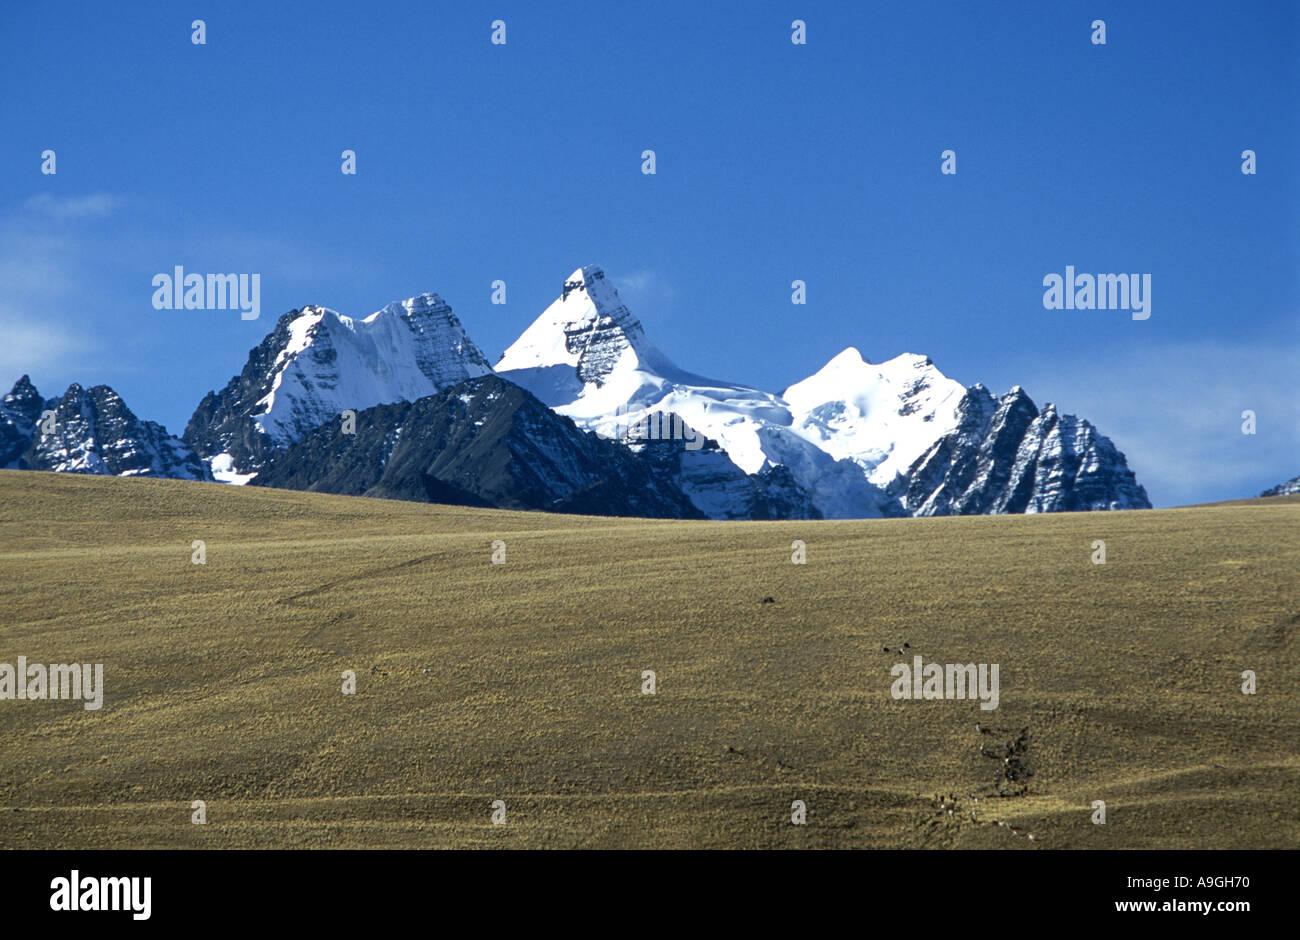 Cordillera Real with Cerro Condoriri, 18530 ft., Bolivia, Altiplano. - Stock Image